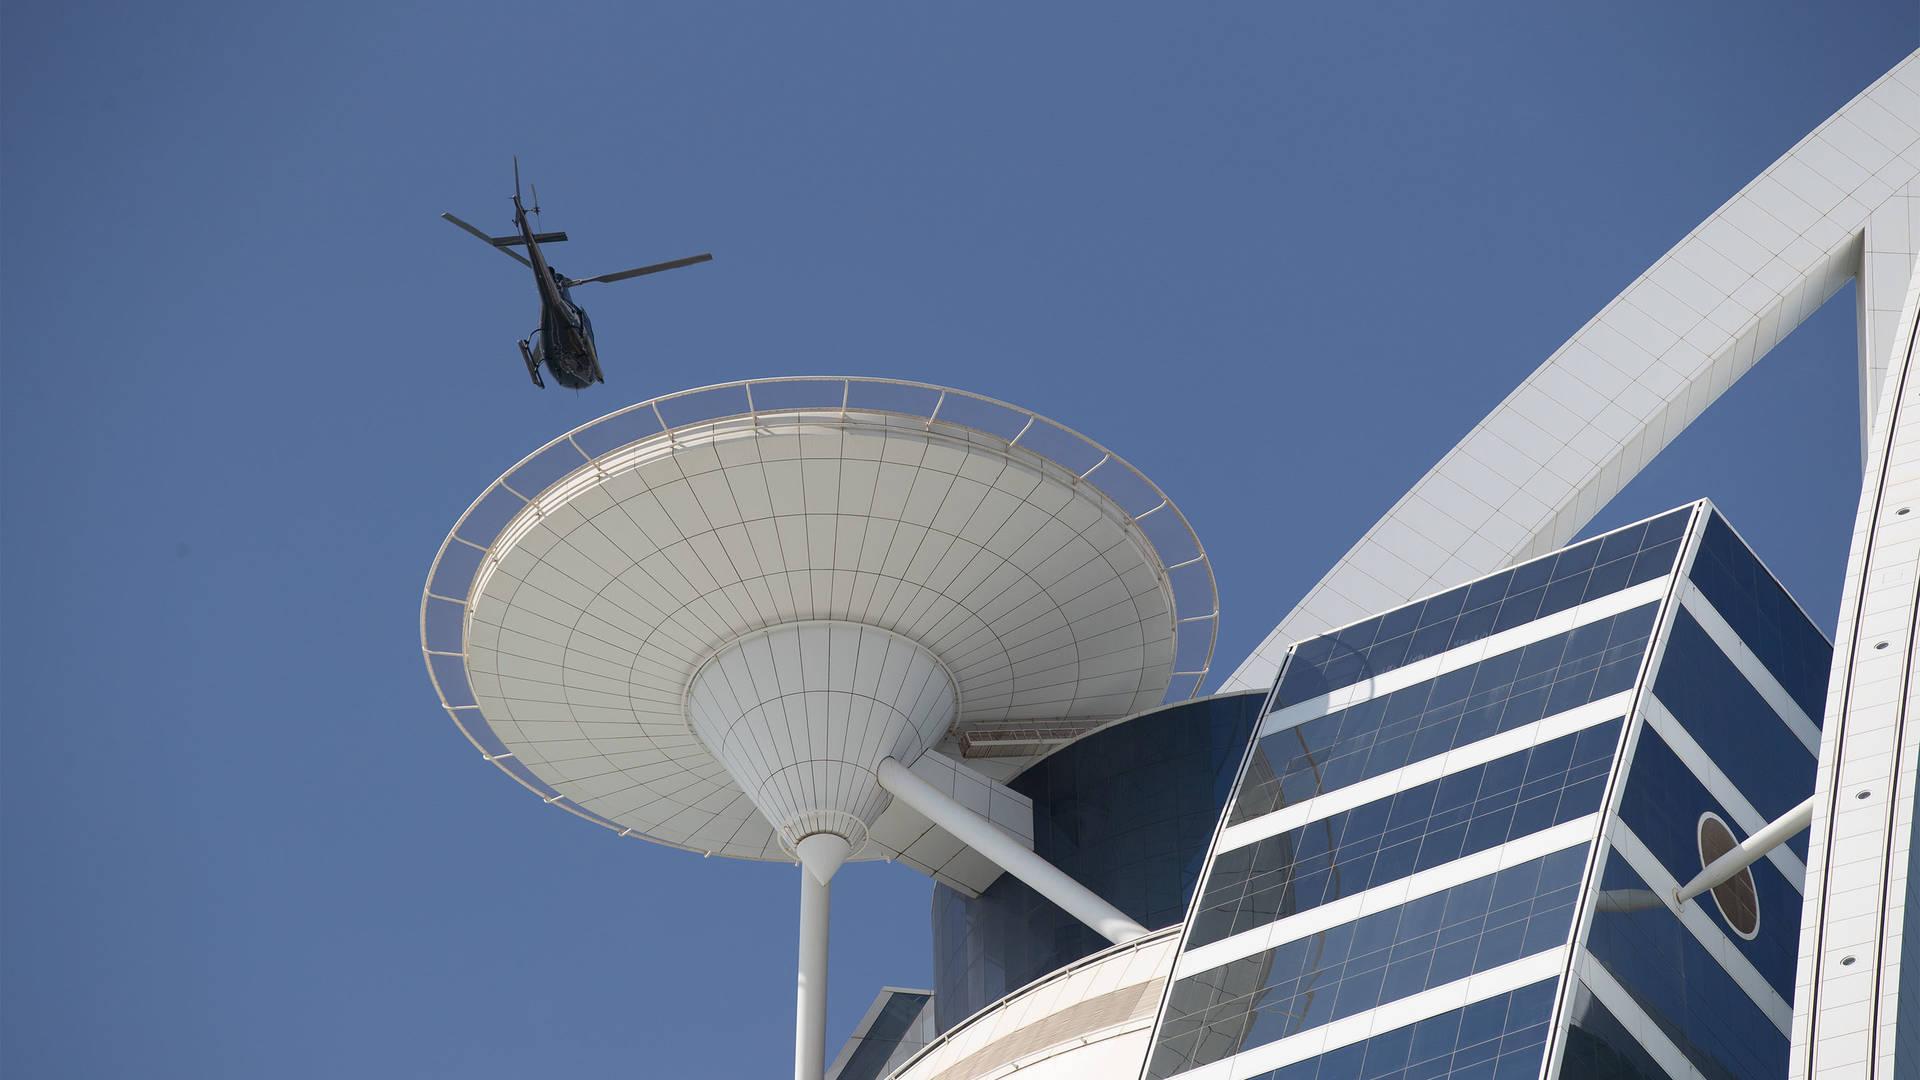 جميرا بيتش هوتيل، مهبط طائرات هليكوبتر